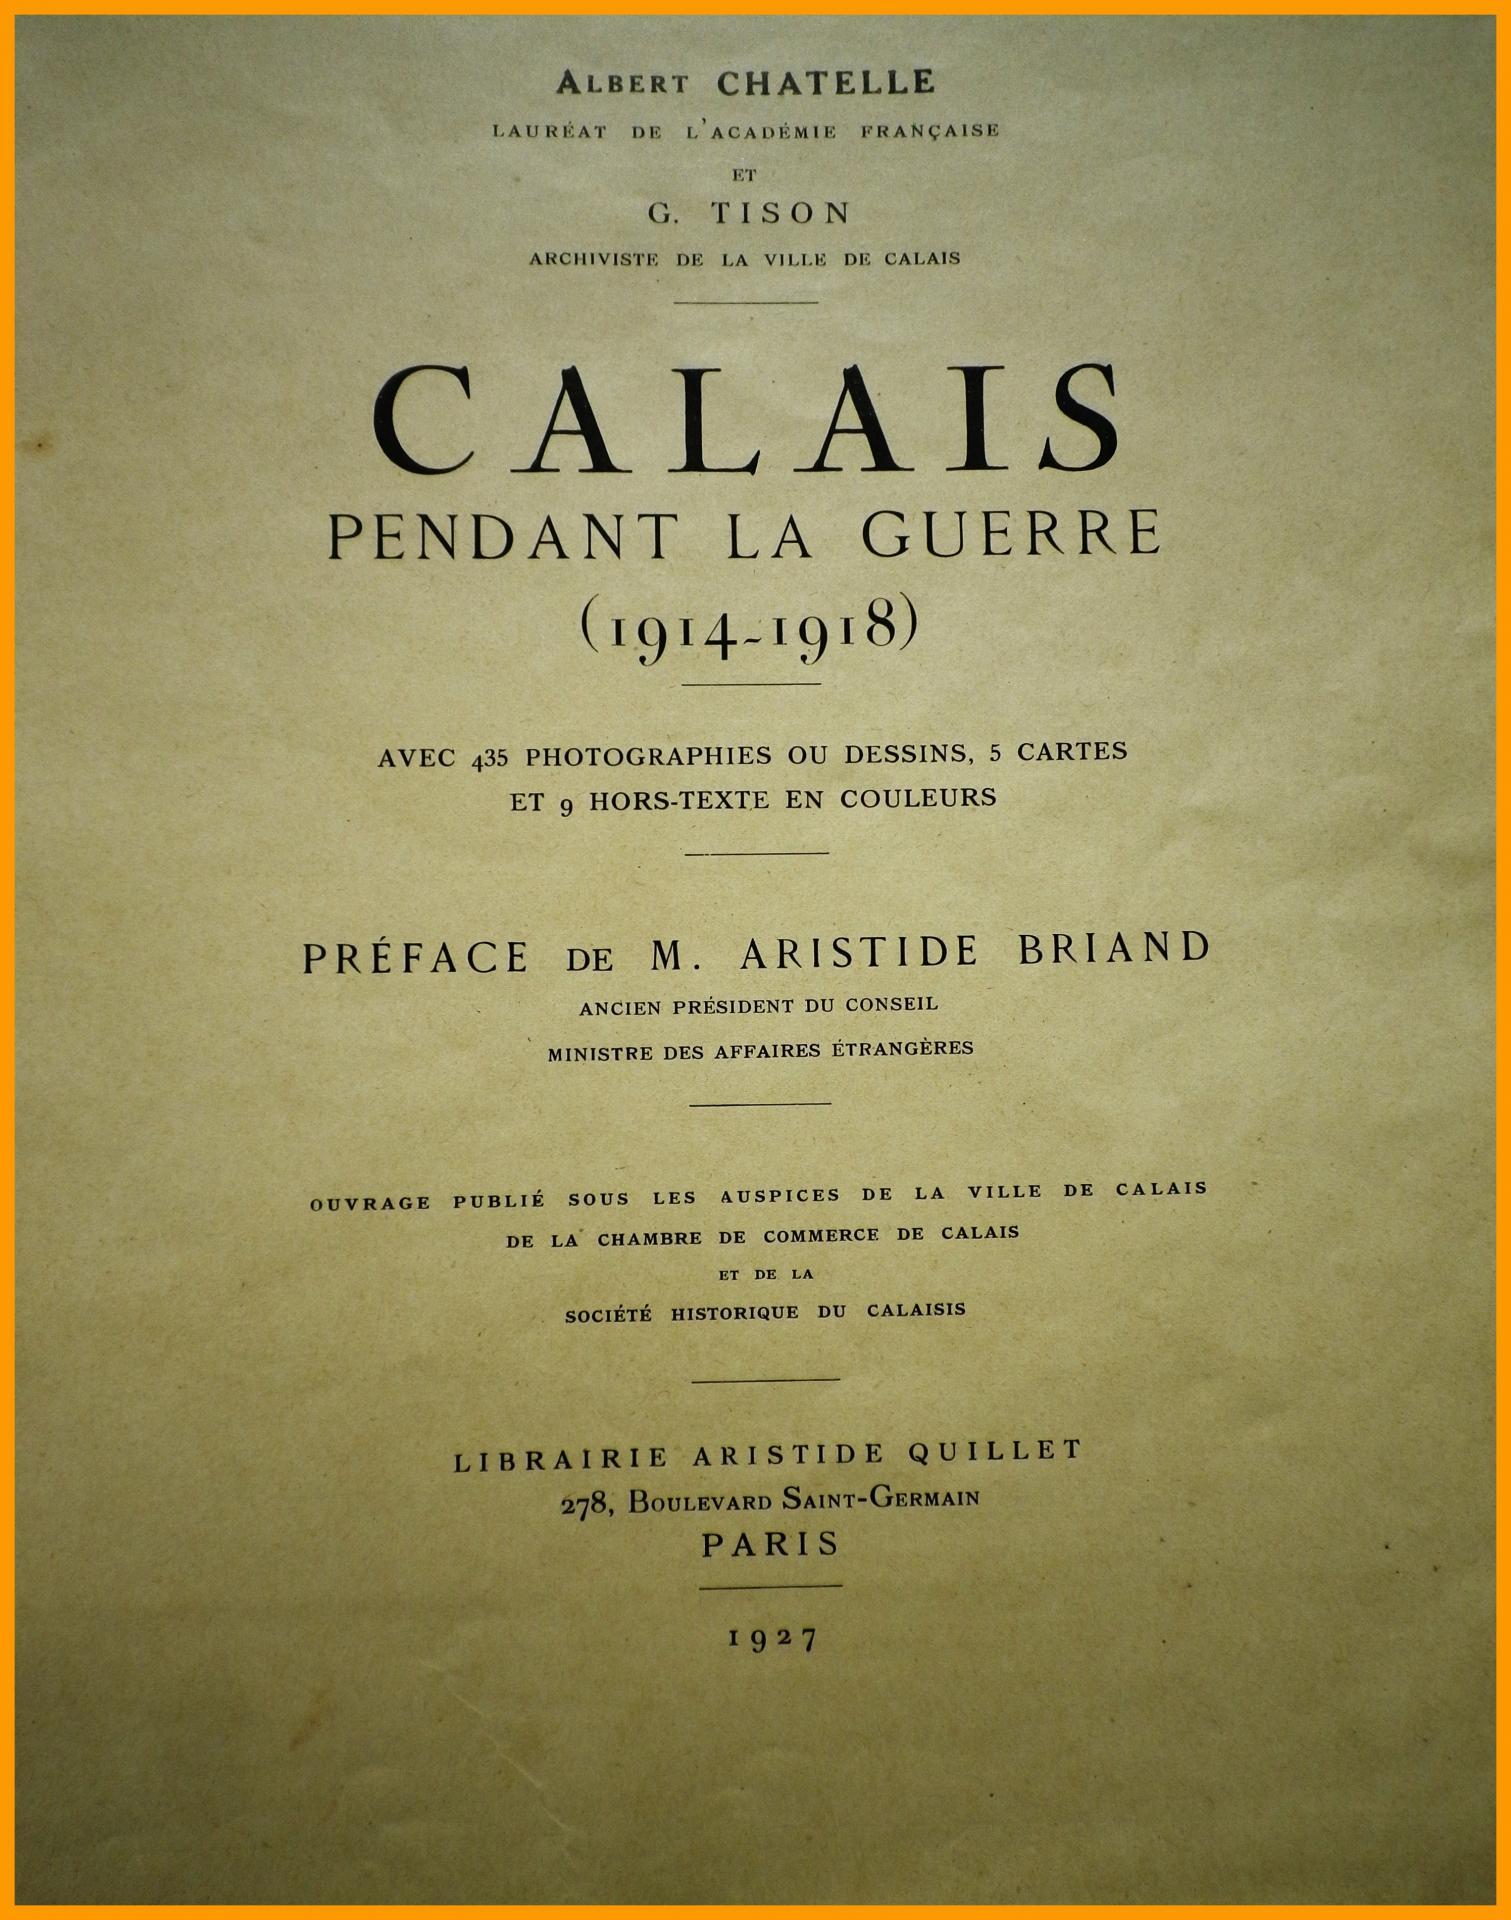 Calais 14 18 calais pendant la guerre titre encadre